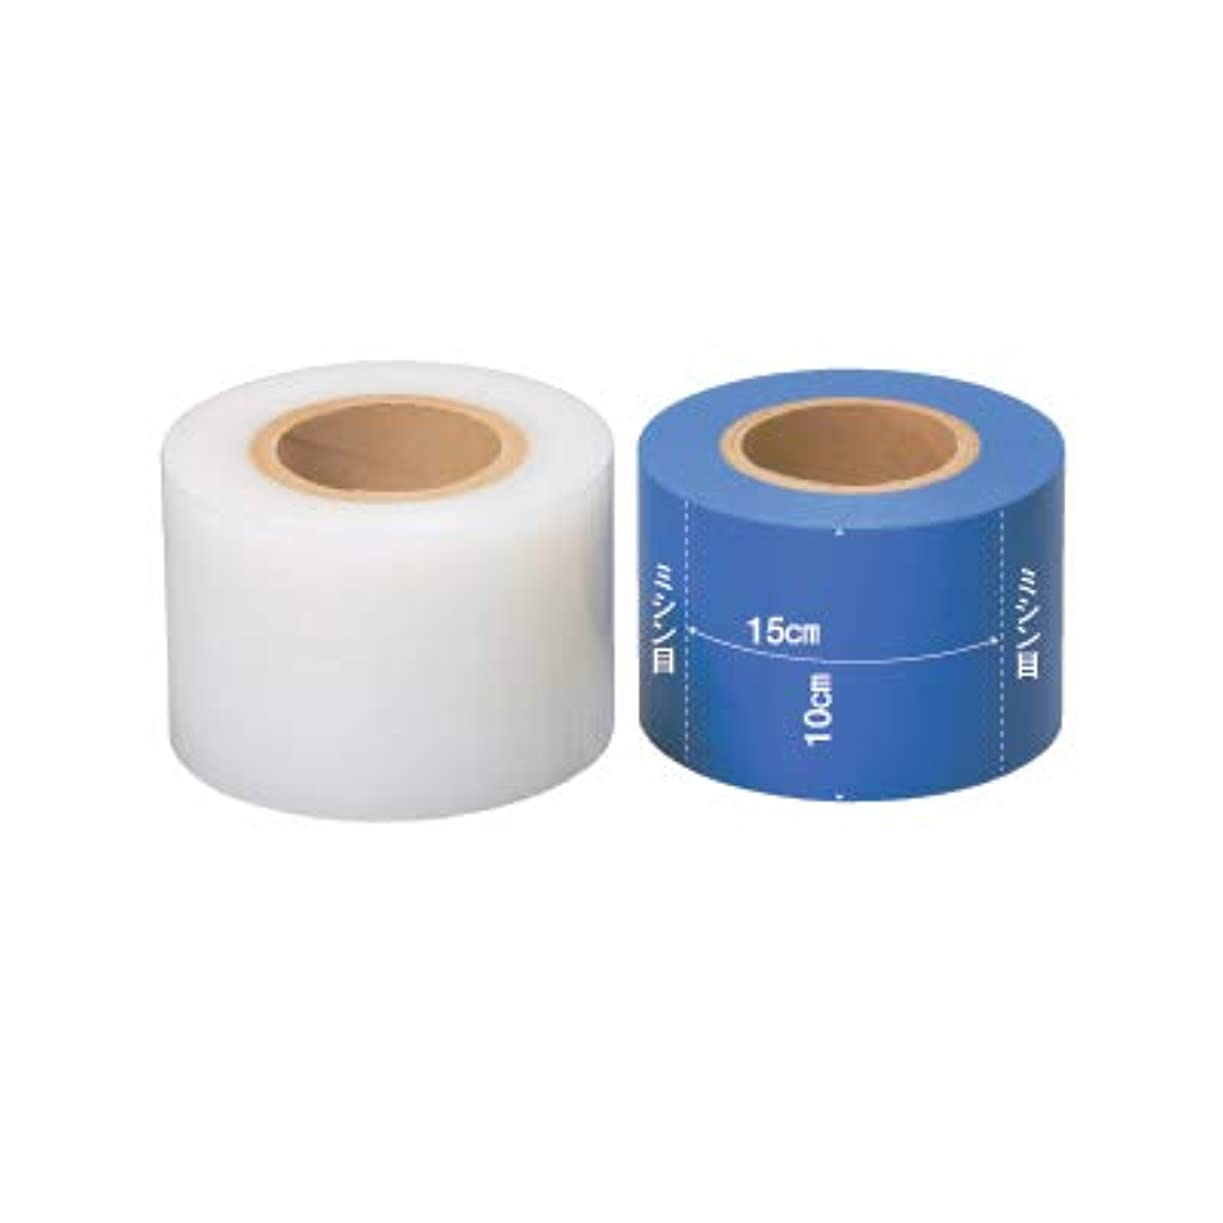 番目武器専制(ロータス)LOTUS バリアフィルムテープ 10cm×180m (保護用テープ ミシン目あり) (ブルー)